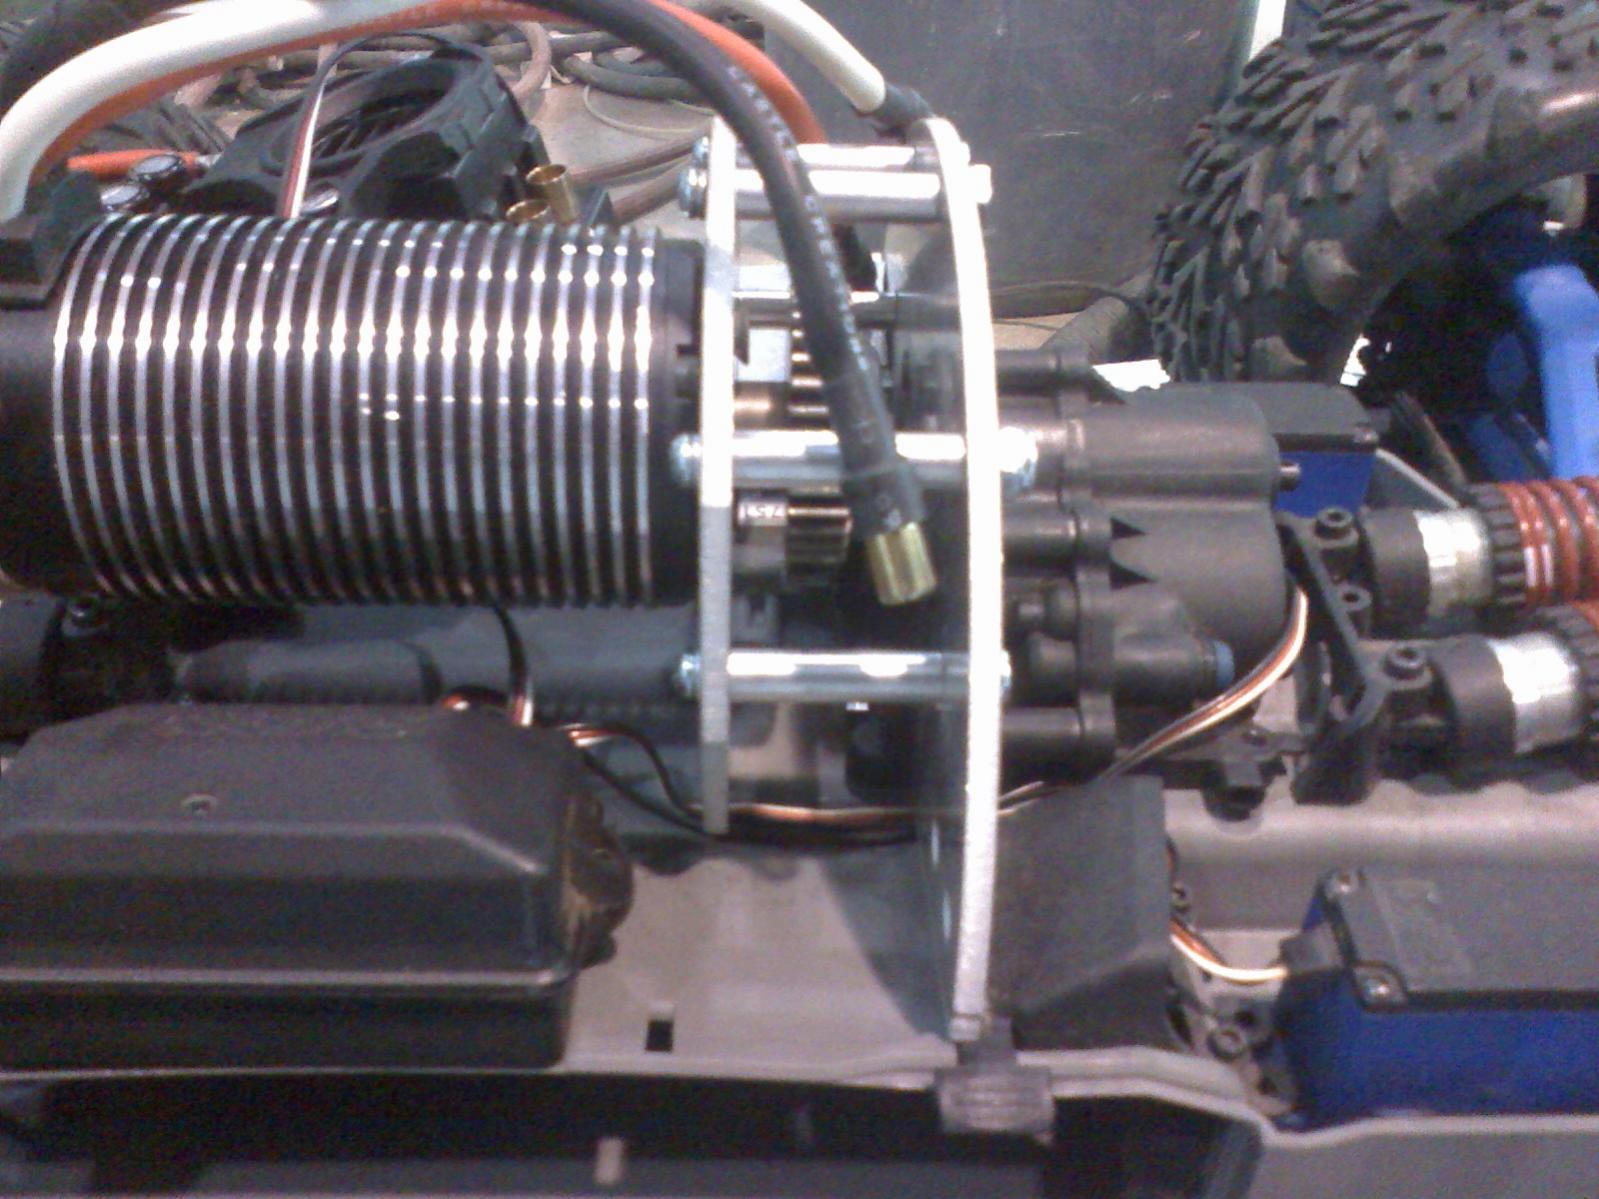 ... E Revo motor mount for Castle 1717-10.jpg